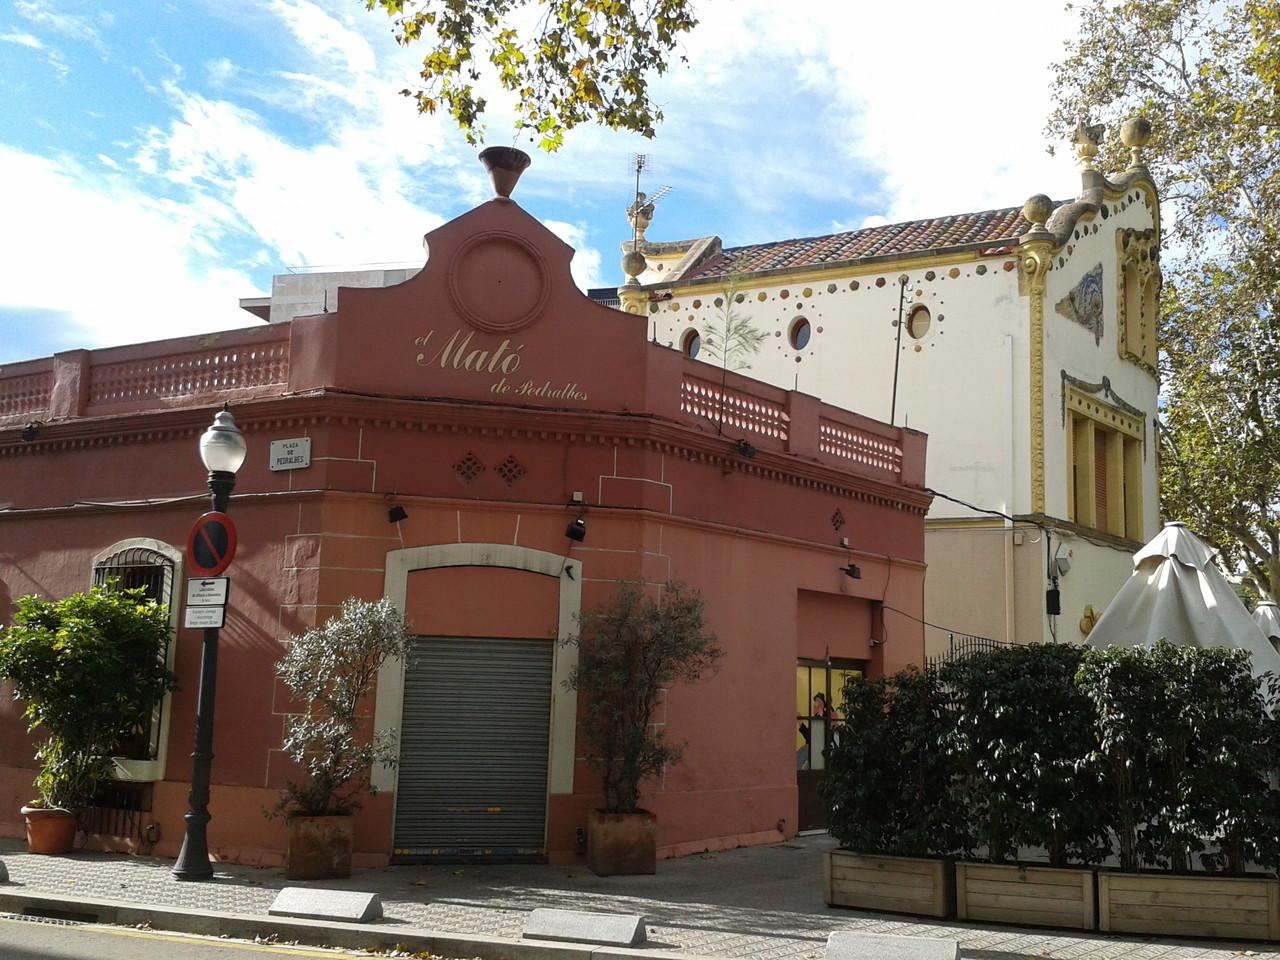 El Restaurant El Mató de Pedralbes